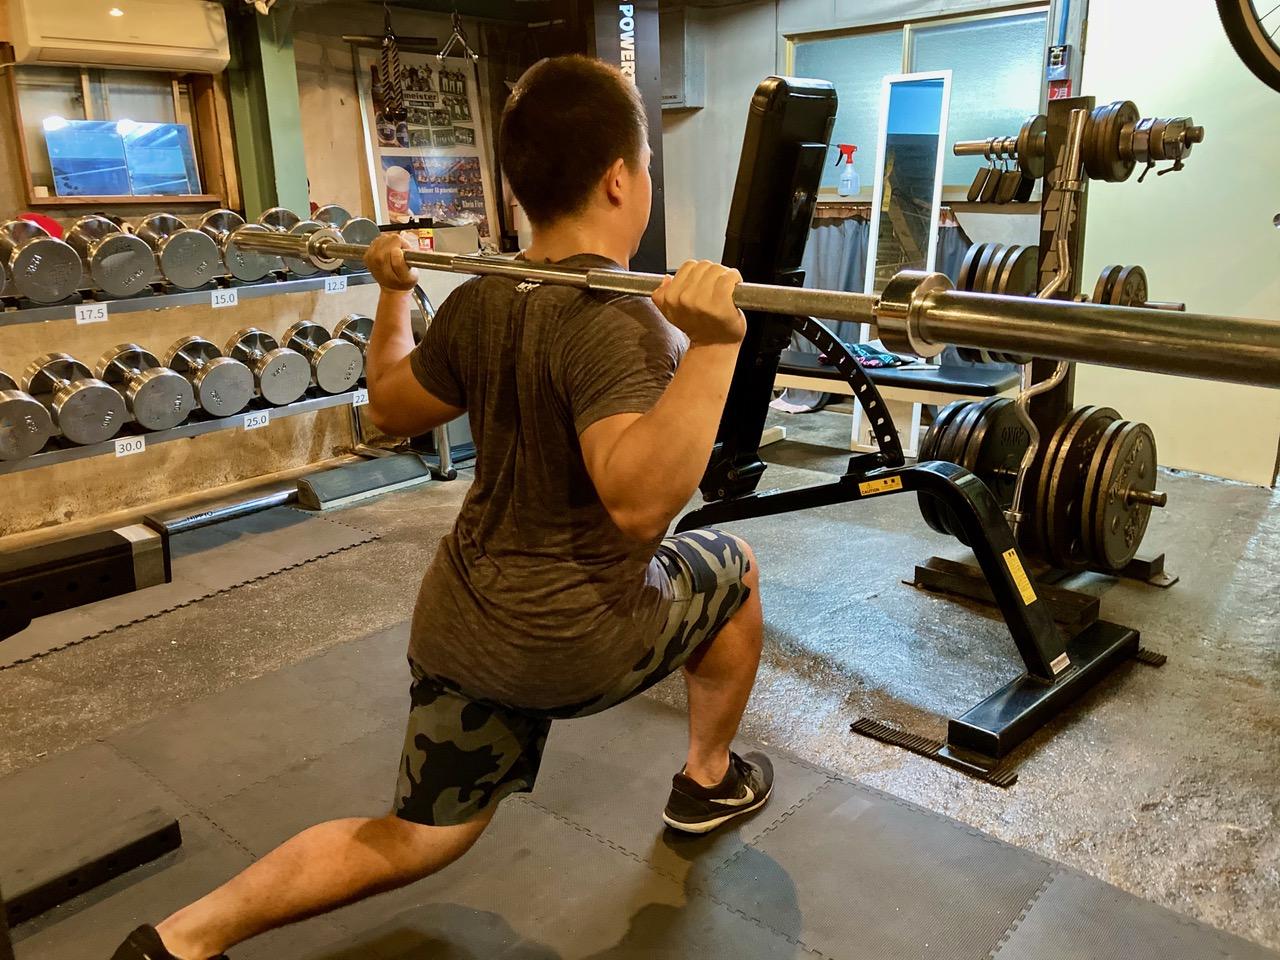 多聞さんの自宅にあるトレーニングルームで下半身を鍛える選手